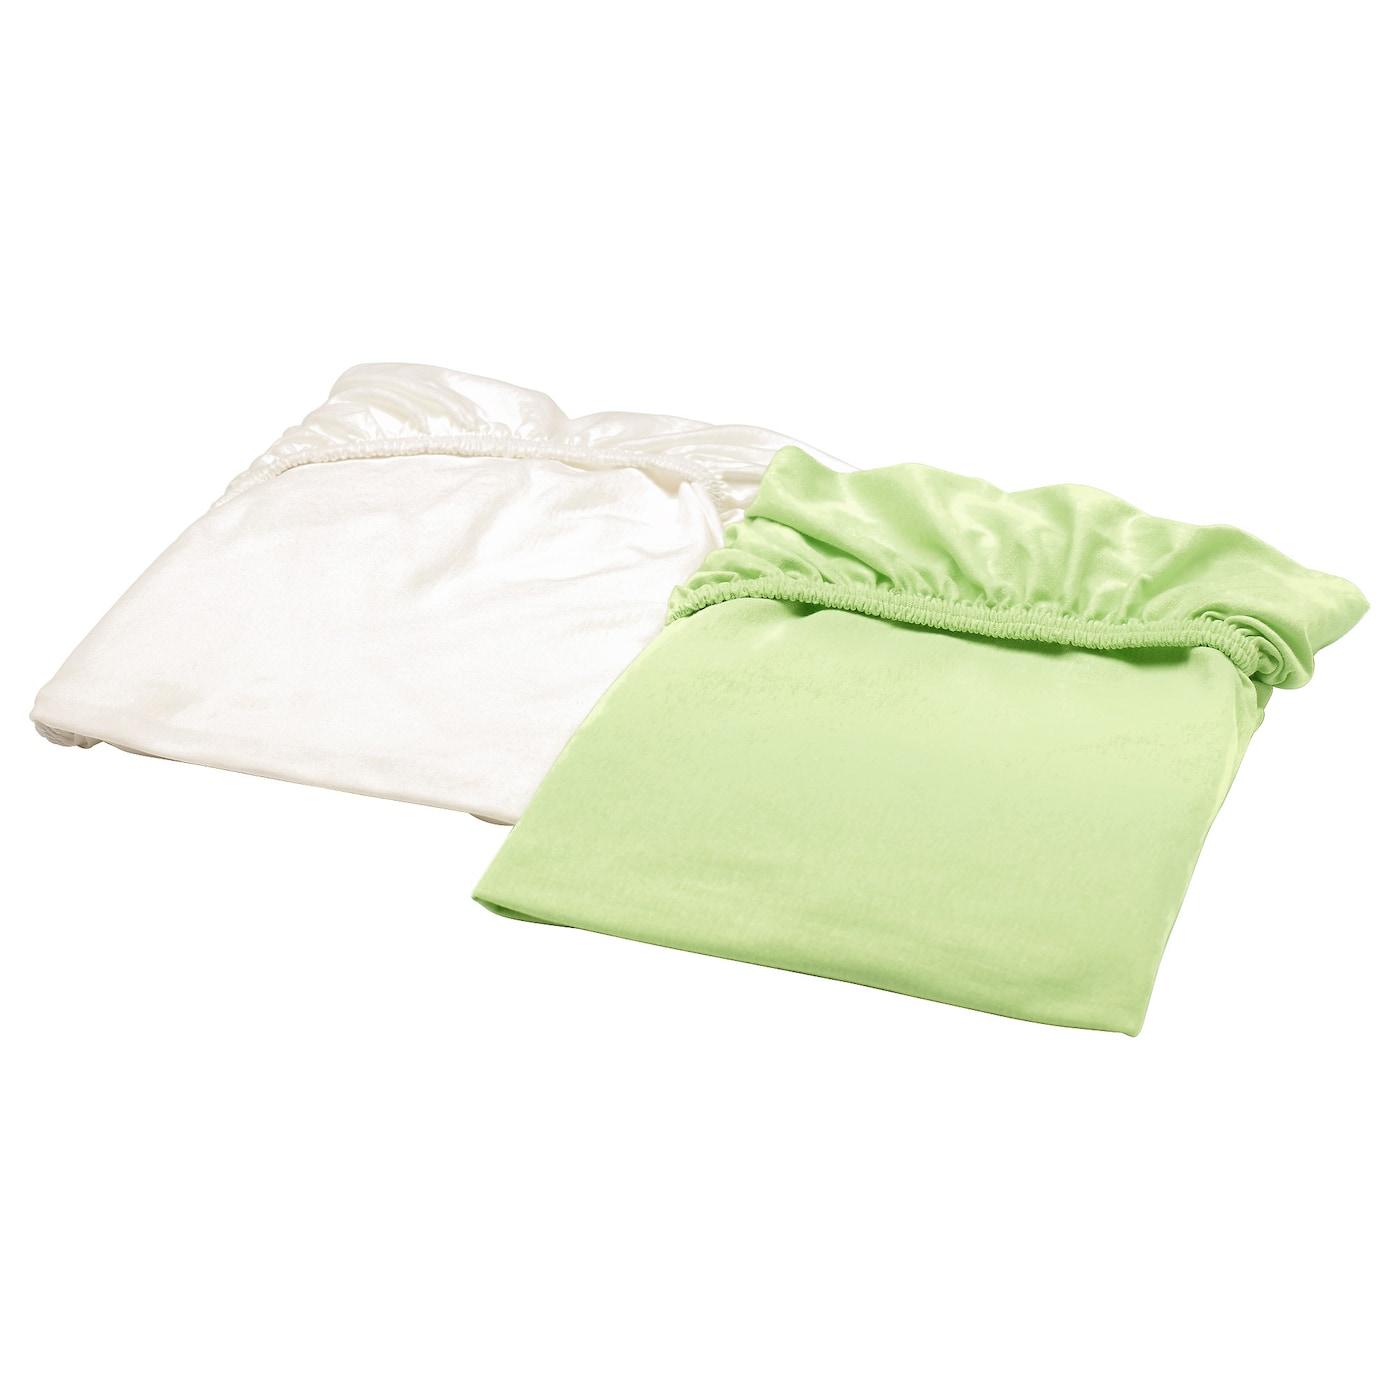 len drap housse pour lit b b blanc turquoise 60x120 cm ikea. Black Bedroom Furniture Sets. Home Design Ideas